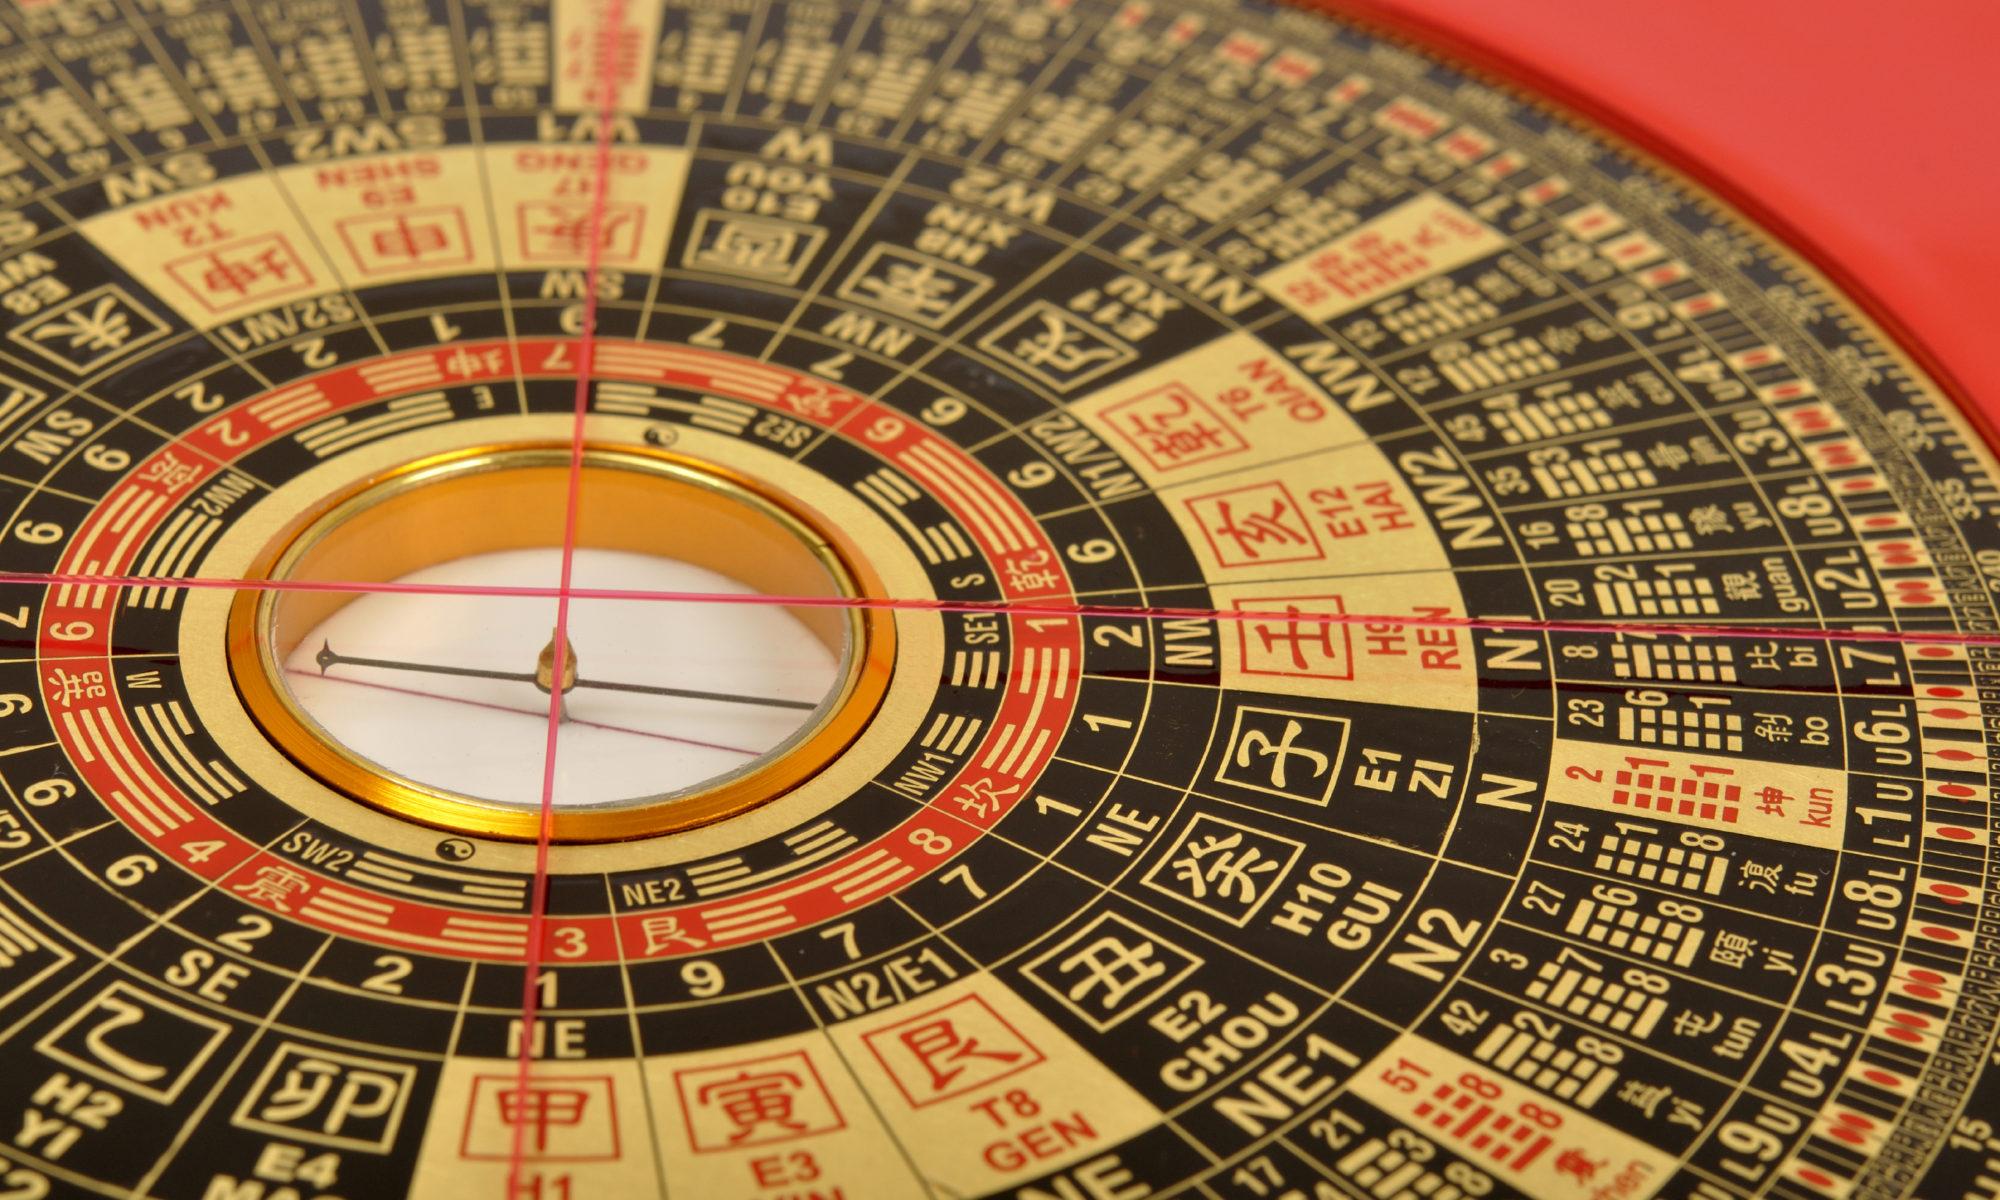 Сайт о Бацзы (Ба Цзы), Фен Шуй (Феншуй), Выбор дат, Индивидуальный календарь и Повышение удачи